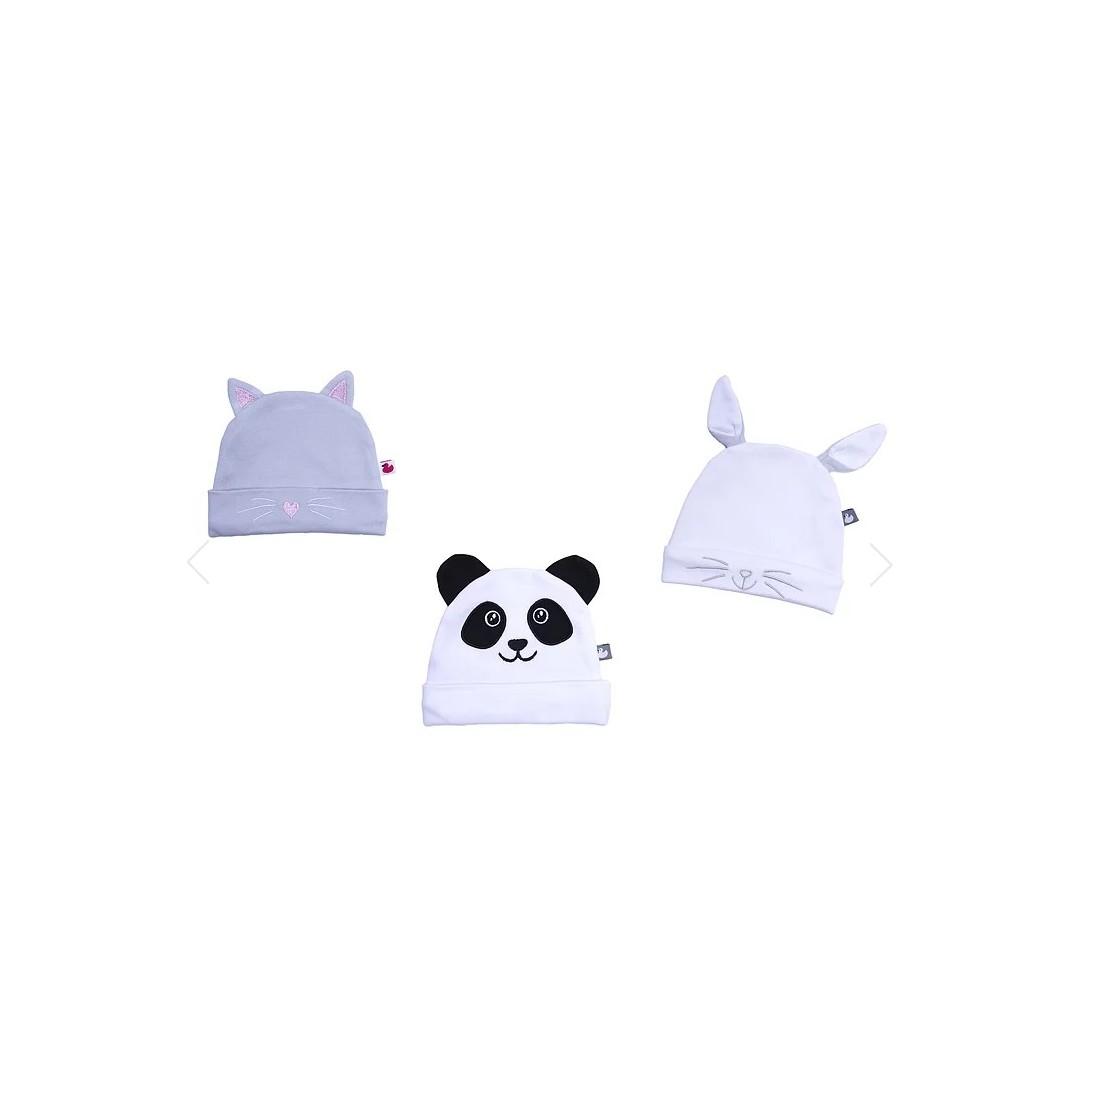 Bonnet bébé original chat, lapin ou panda